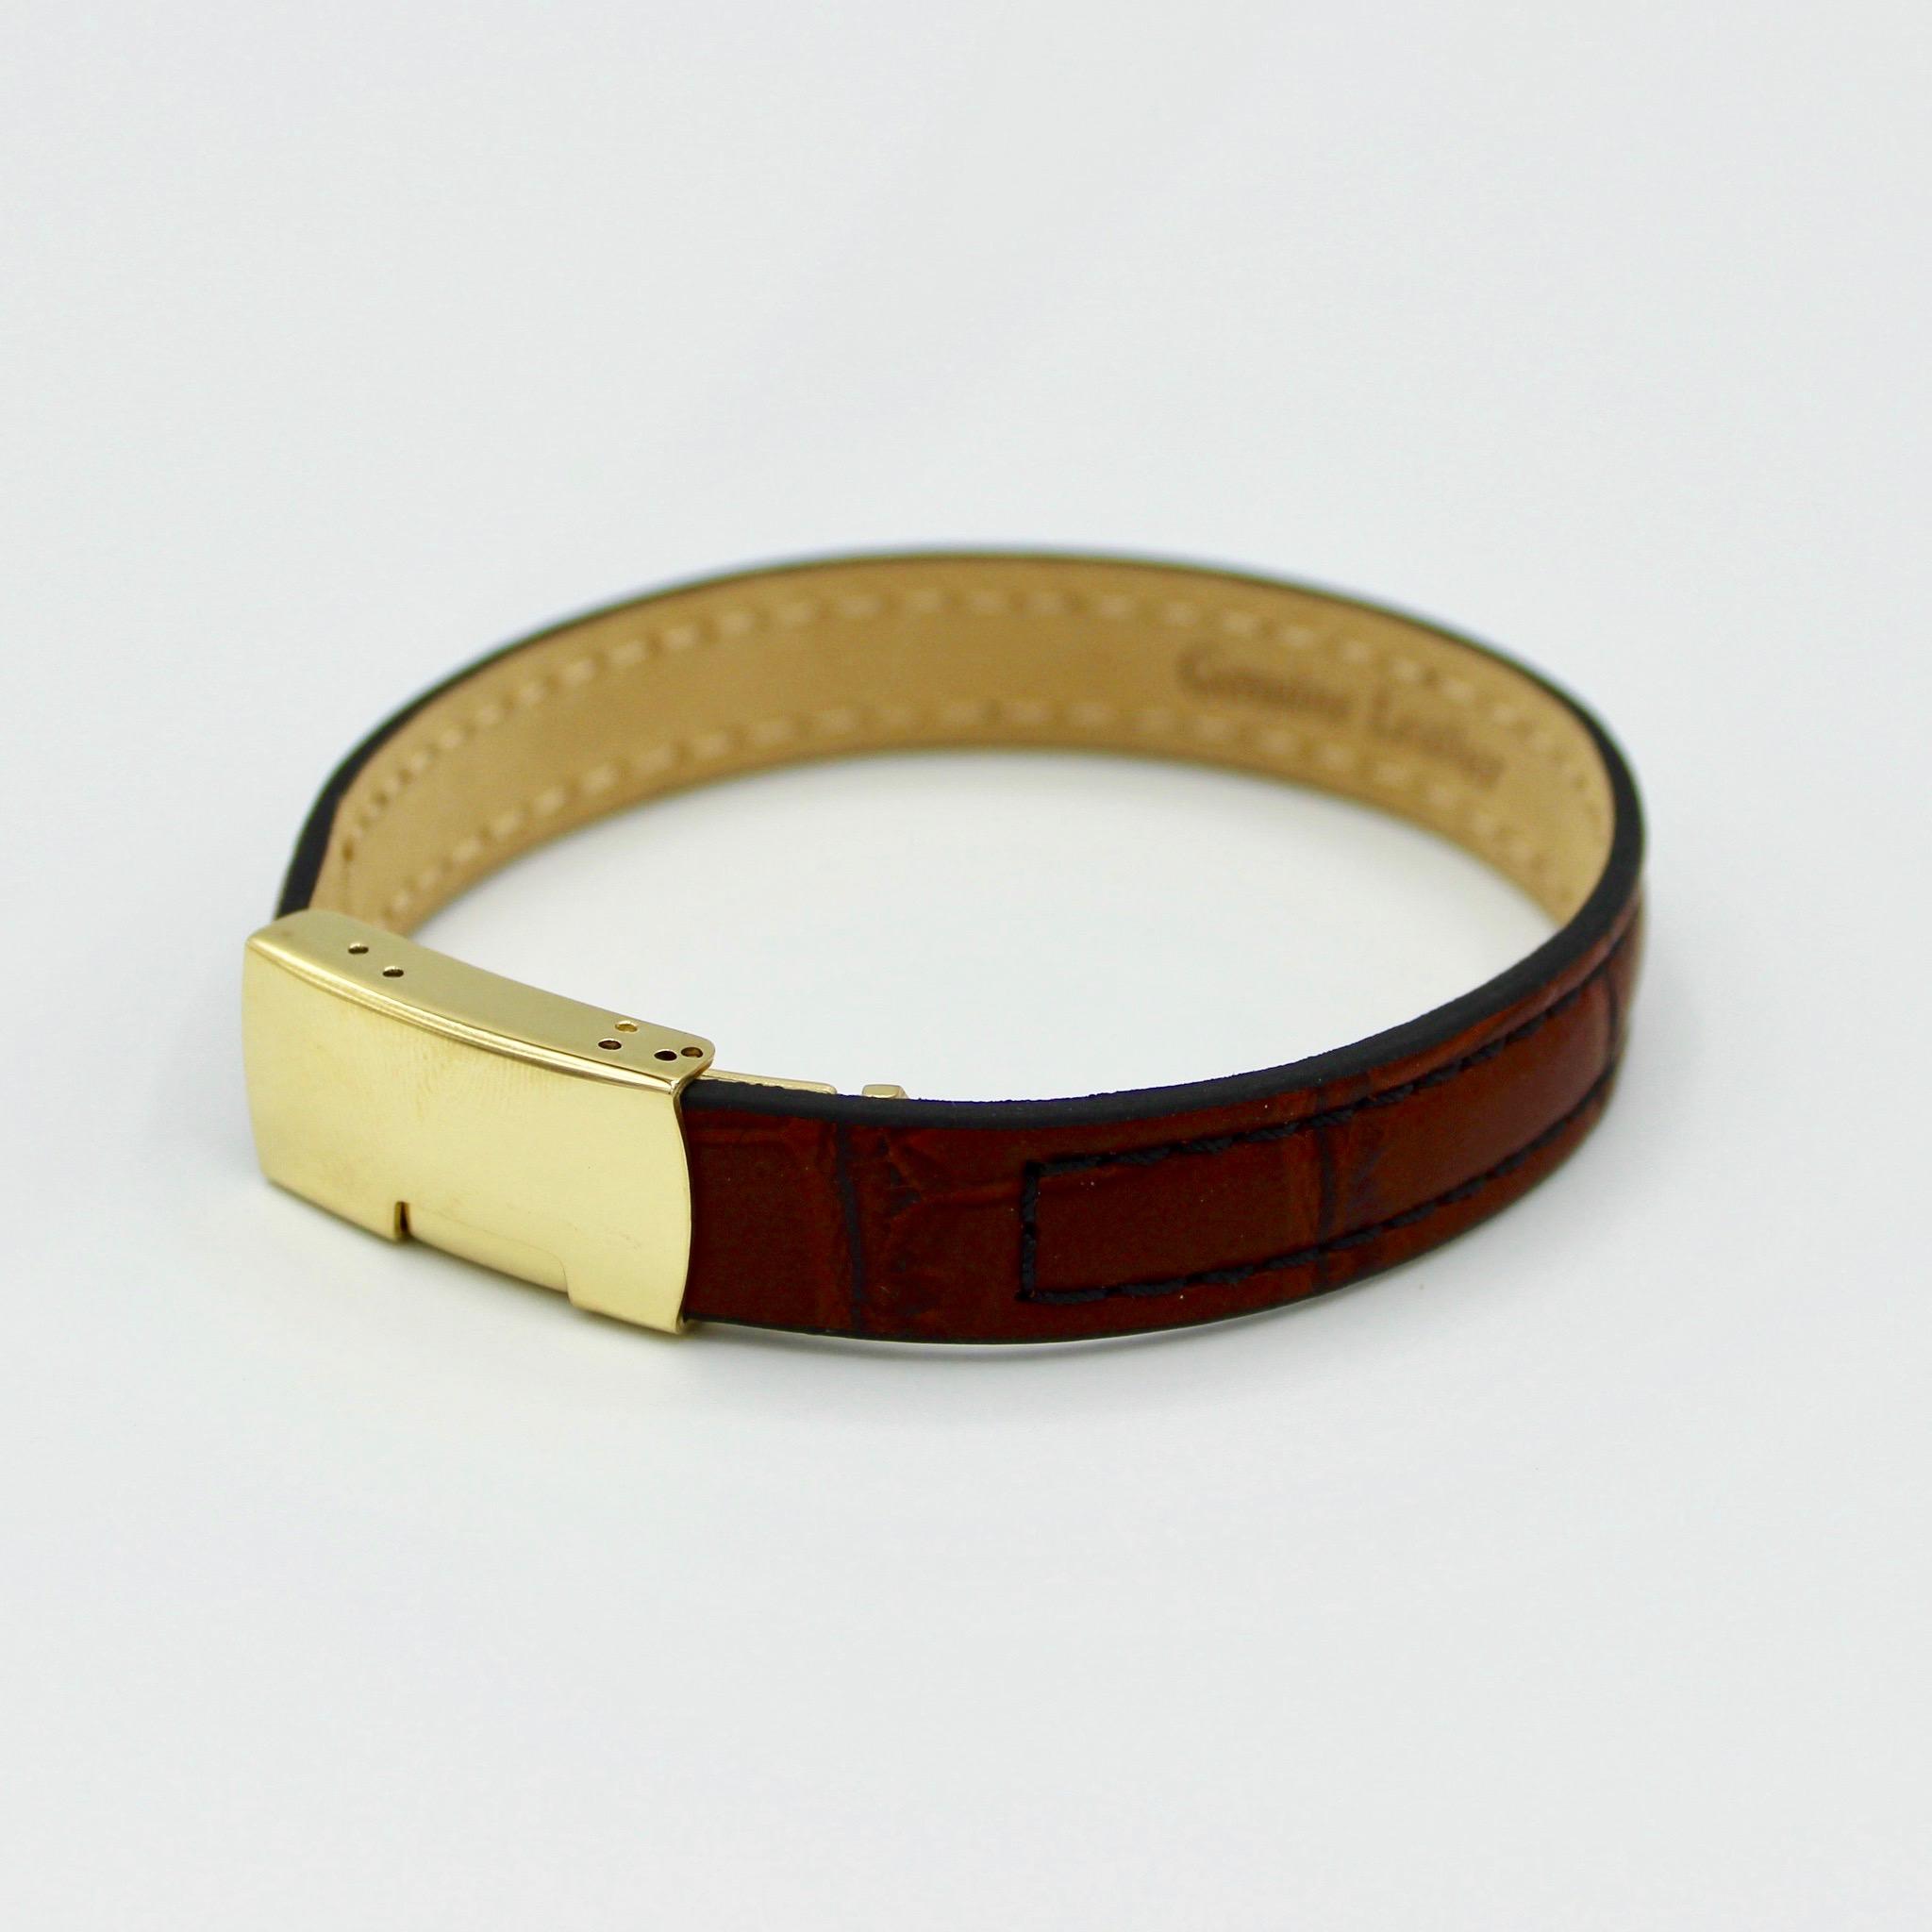 Ladies Premium Slim Leather Bracelet with clasp